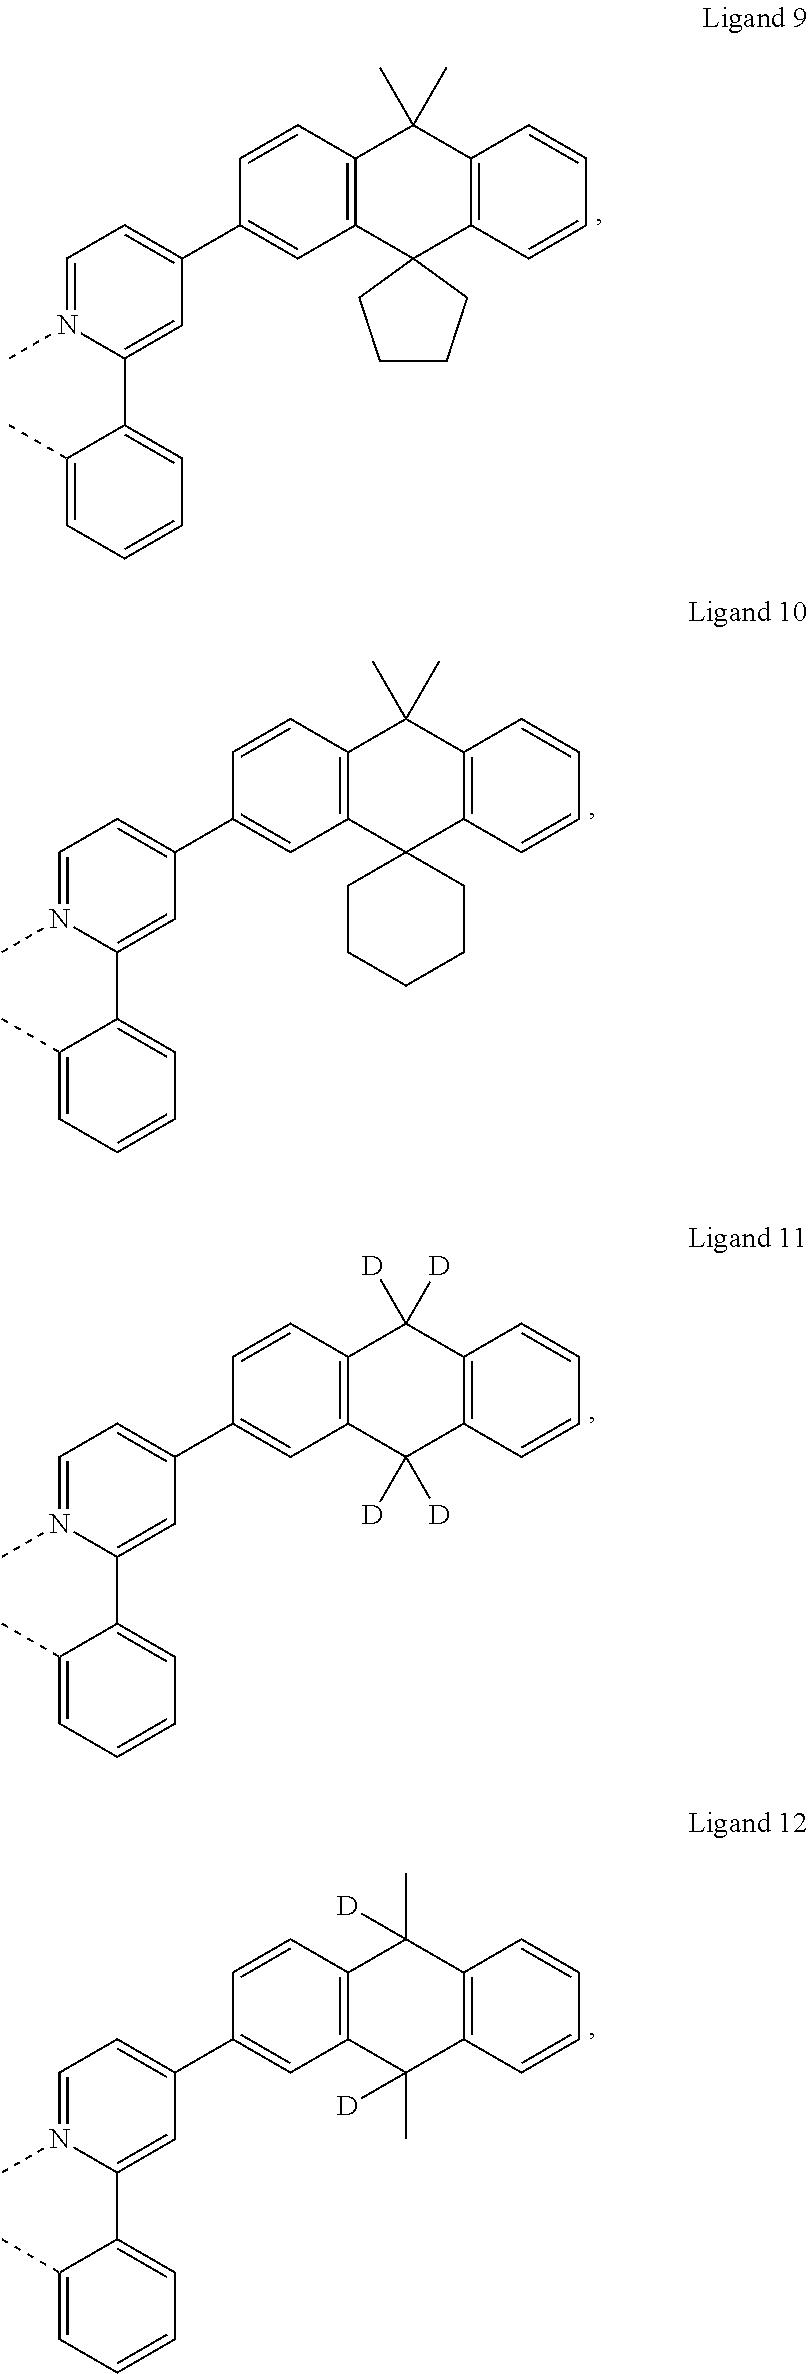 Figure US20180130962A1-20180510-C00032